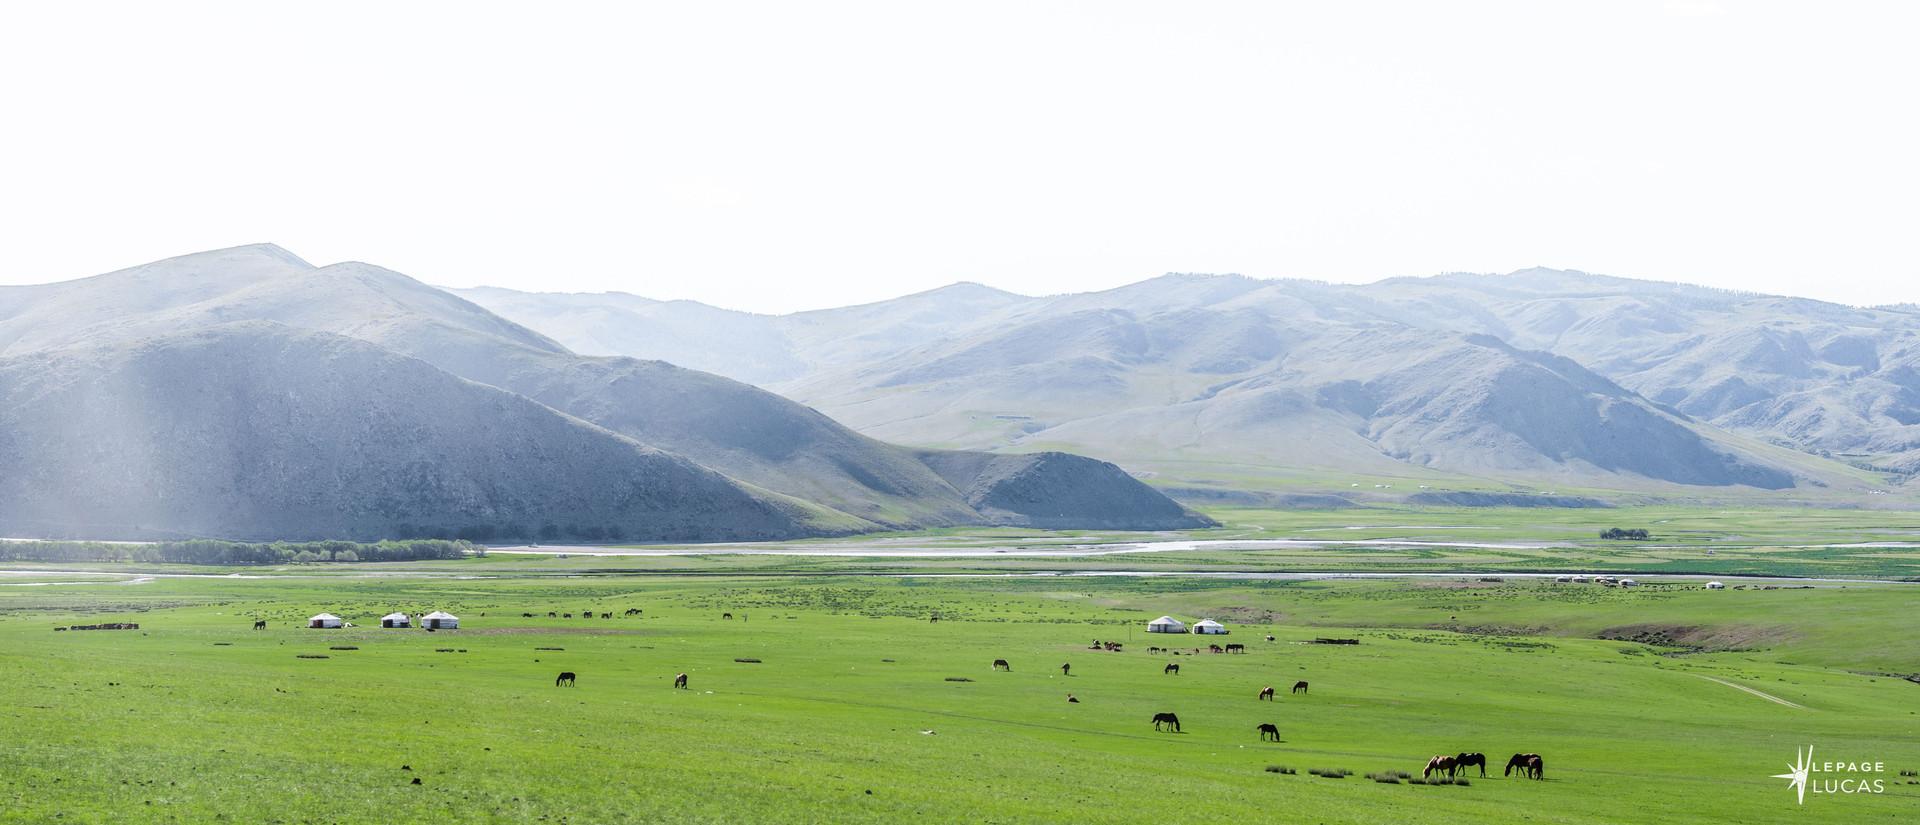 Mongolie-84.jpg